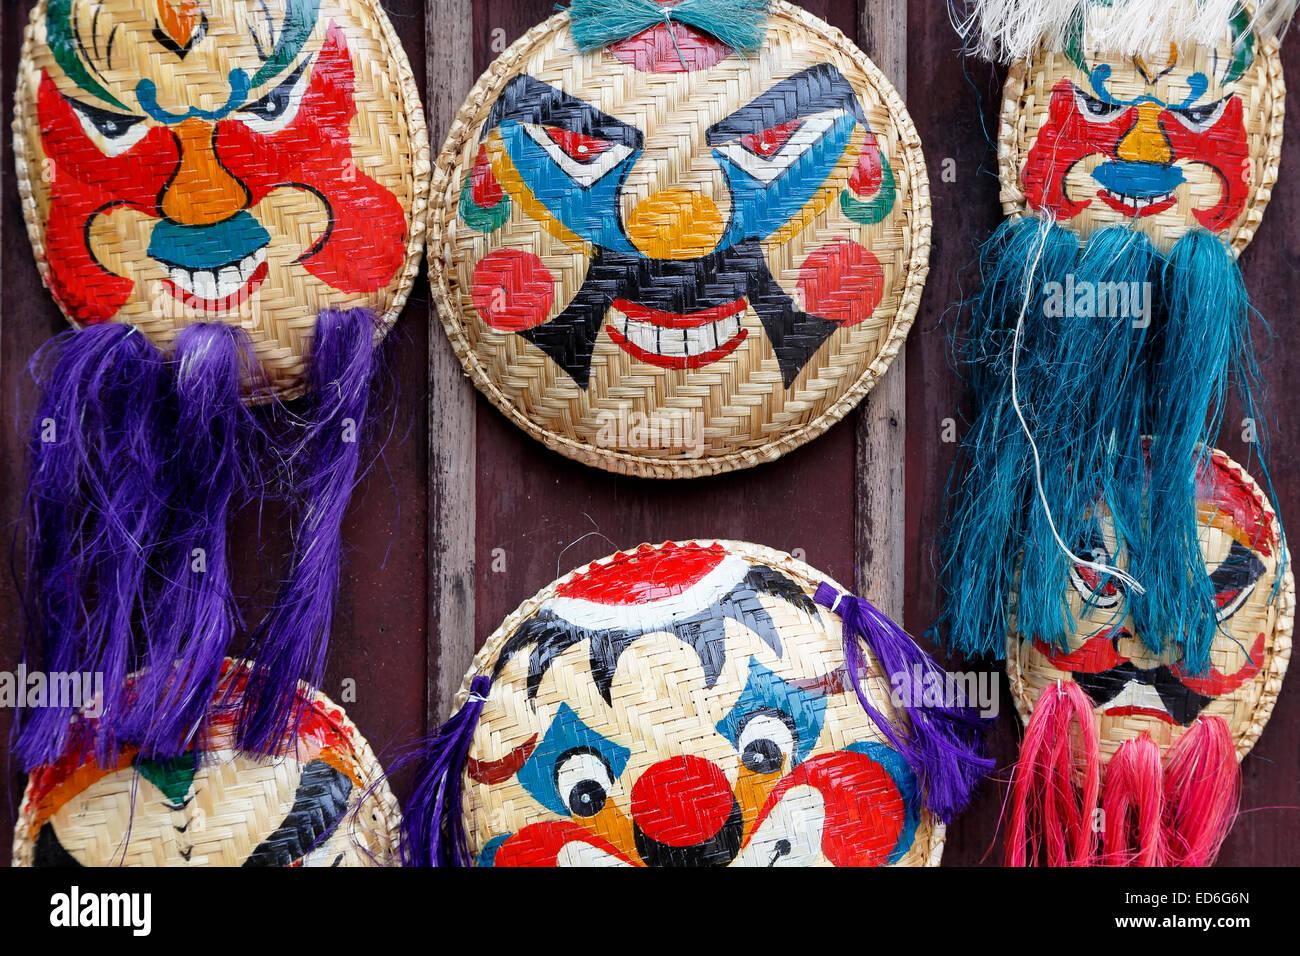 Traditionelle vietnamesische Masken für Verkauf, Temple of Literature, Hanoi, Vietnam Stockbild